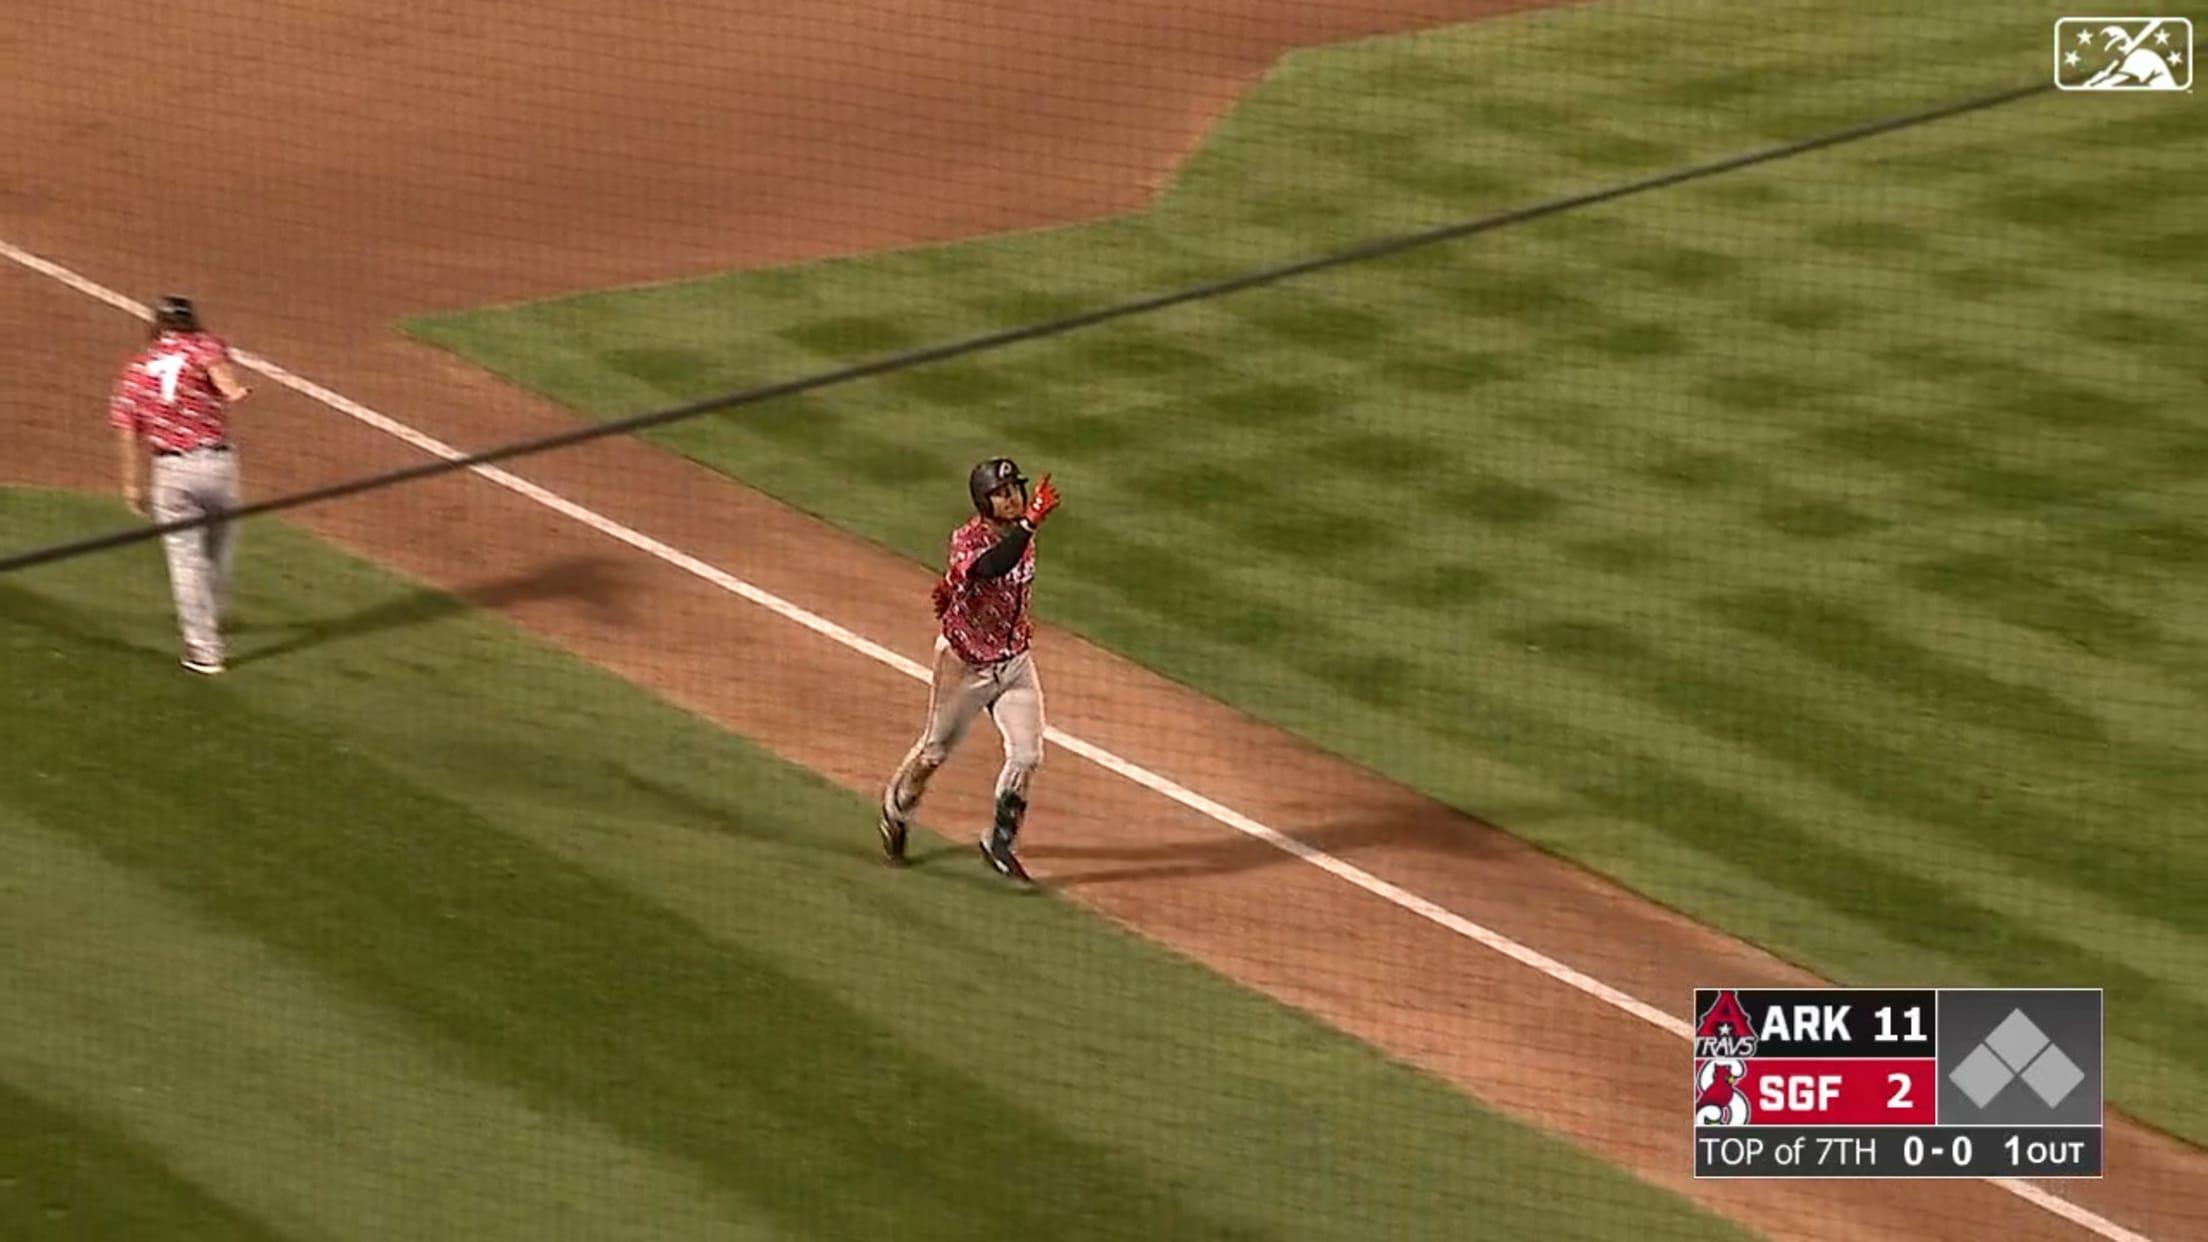 Rodríguez drills second homer